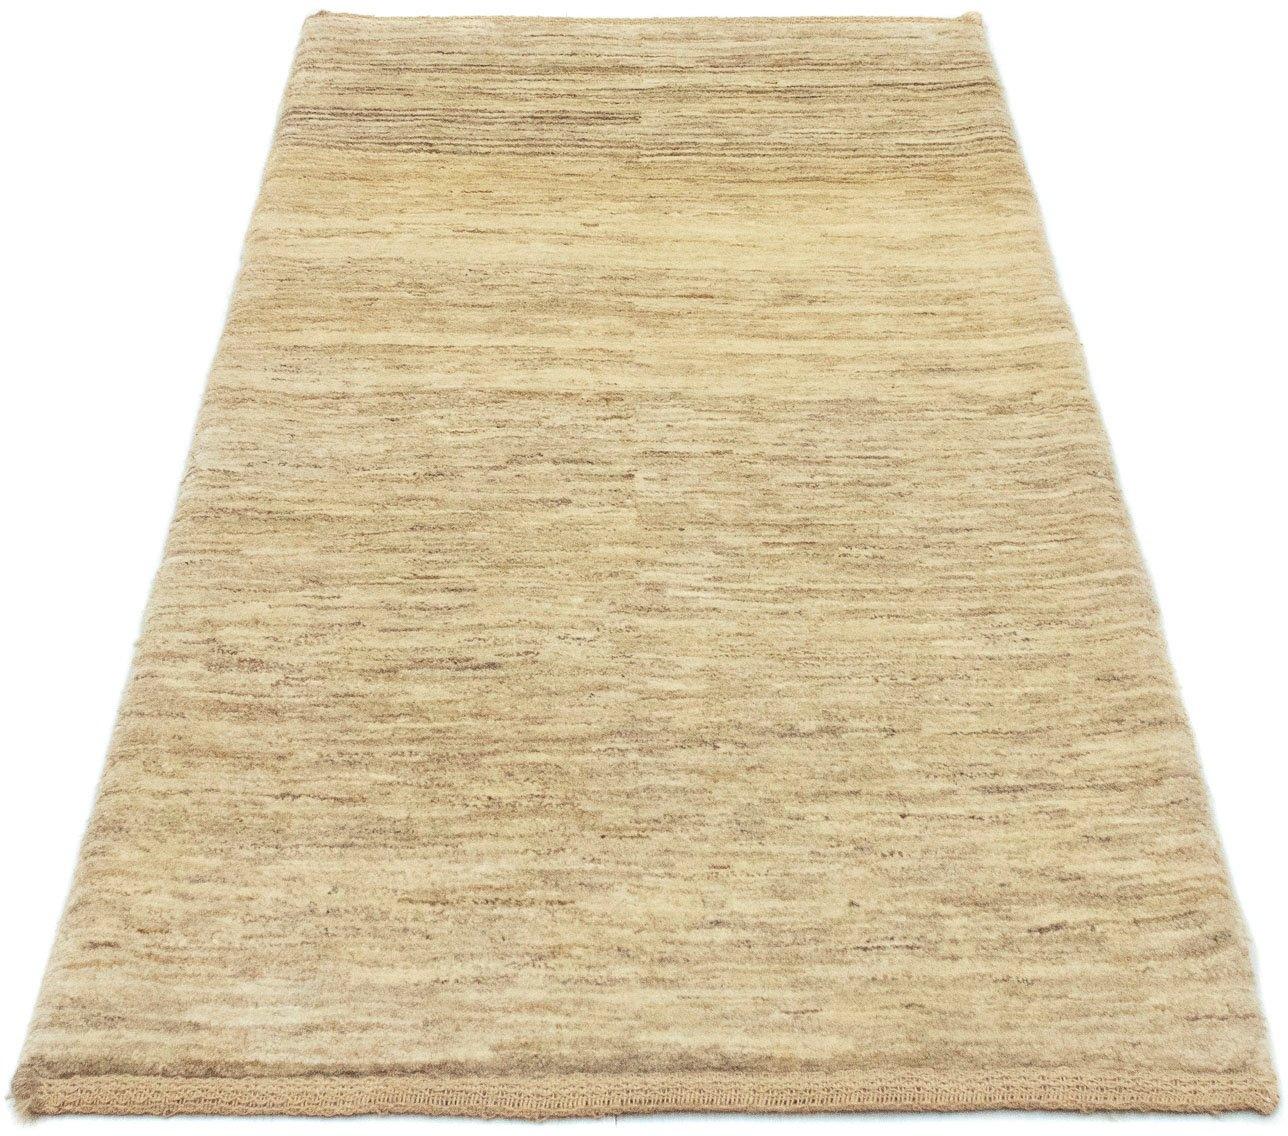 morgenland wollen kleed Gabbeh Teppich handgeknüpft natur handgeknoopt voordelig en veilig online kopen